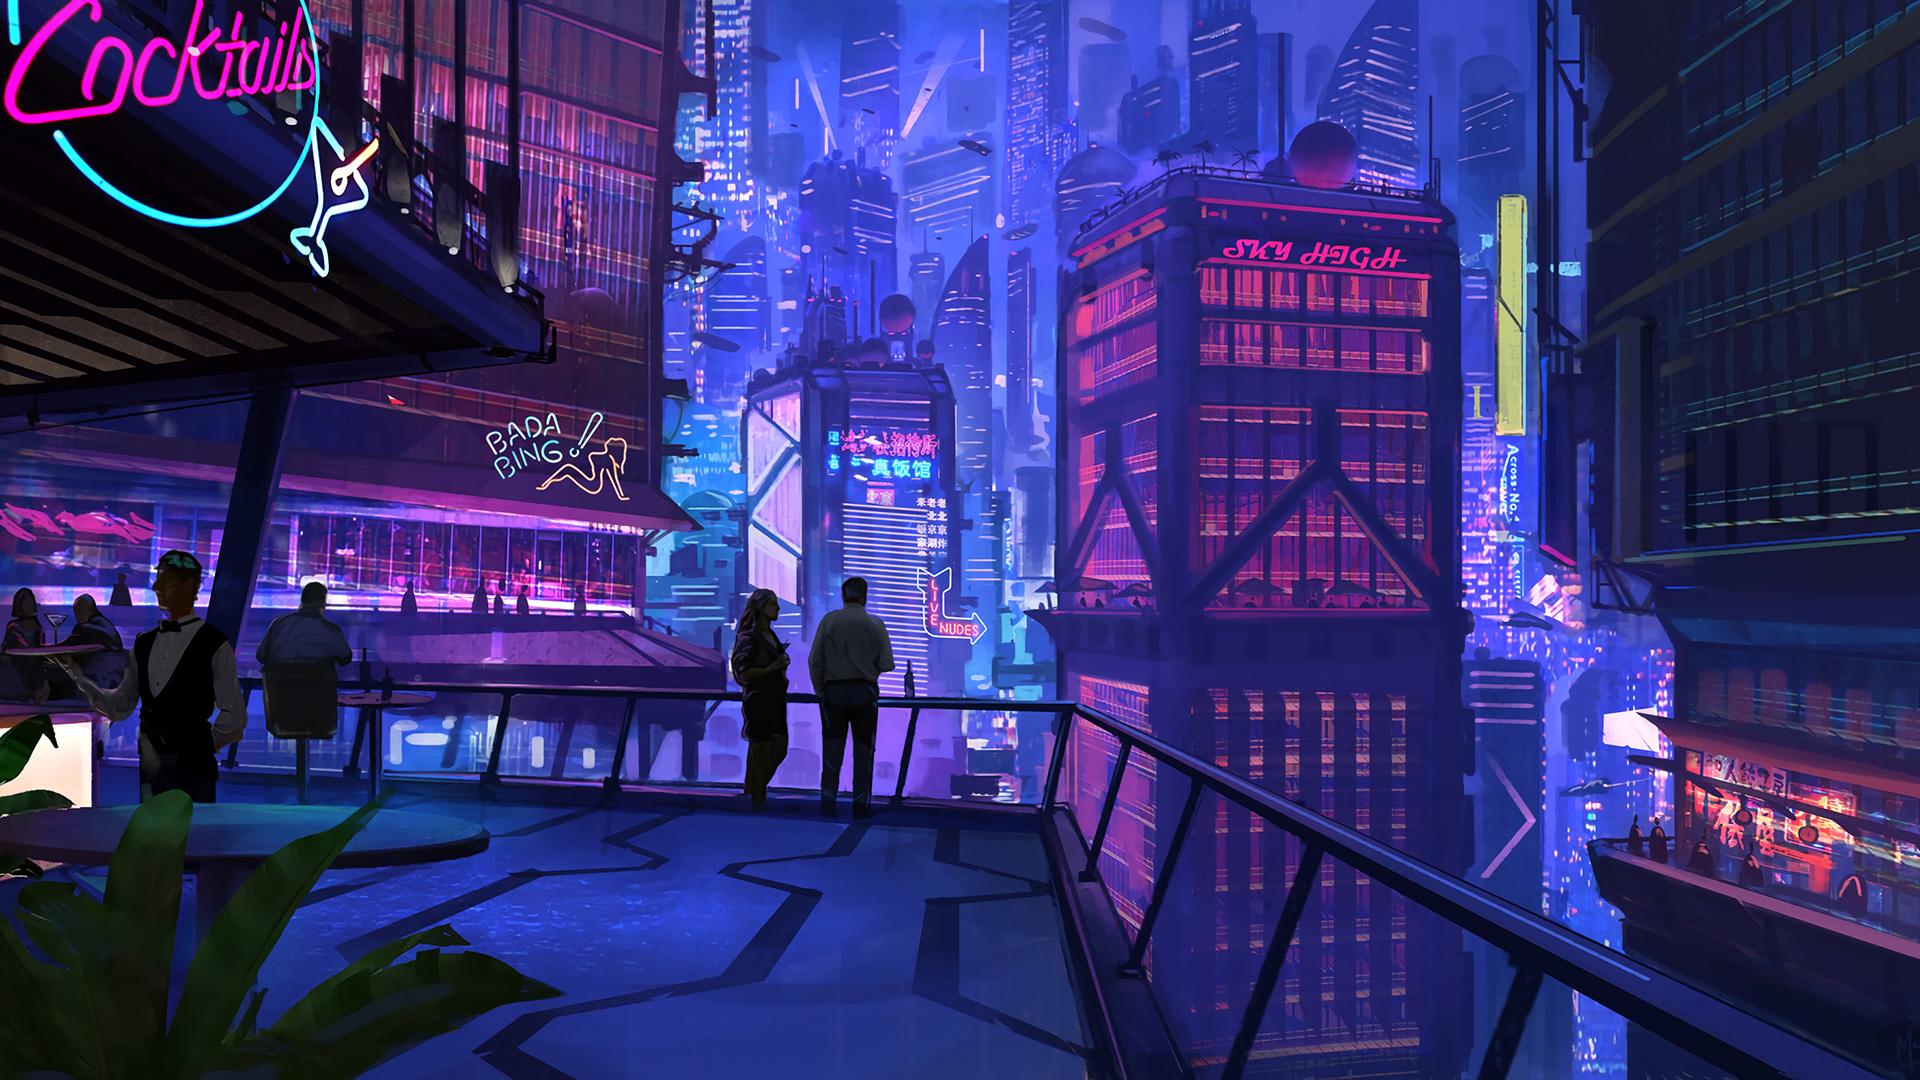 General 1920x1080 Digital Art Cityscape Cyberpunk Cyberpunk City Sci Fi City Futuristic City